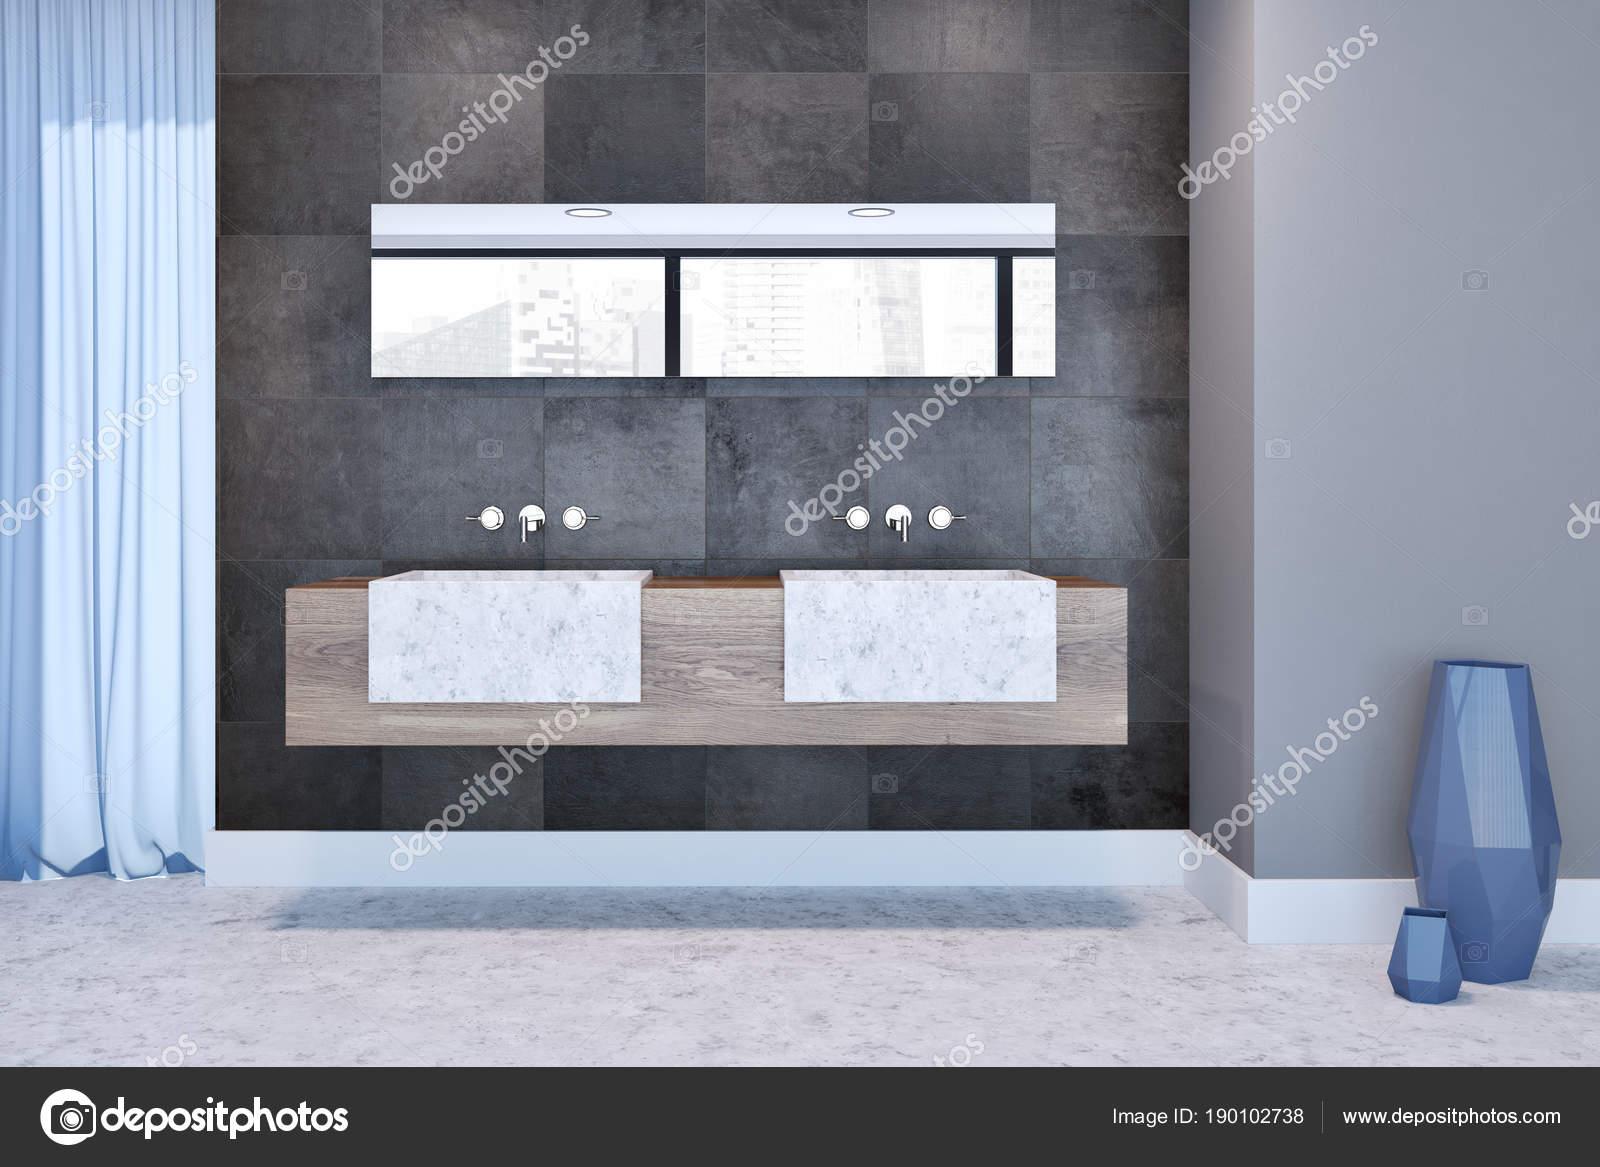 Grigio piastrelle bagno interni doppio lavabo u foto stock